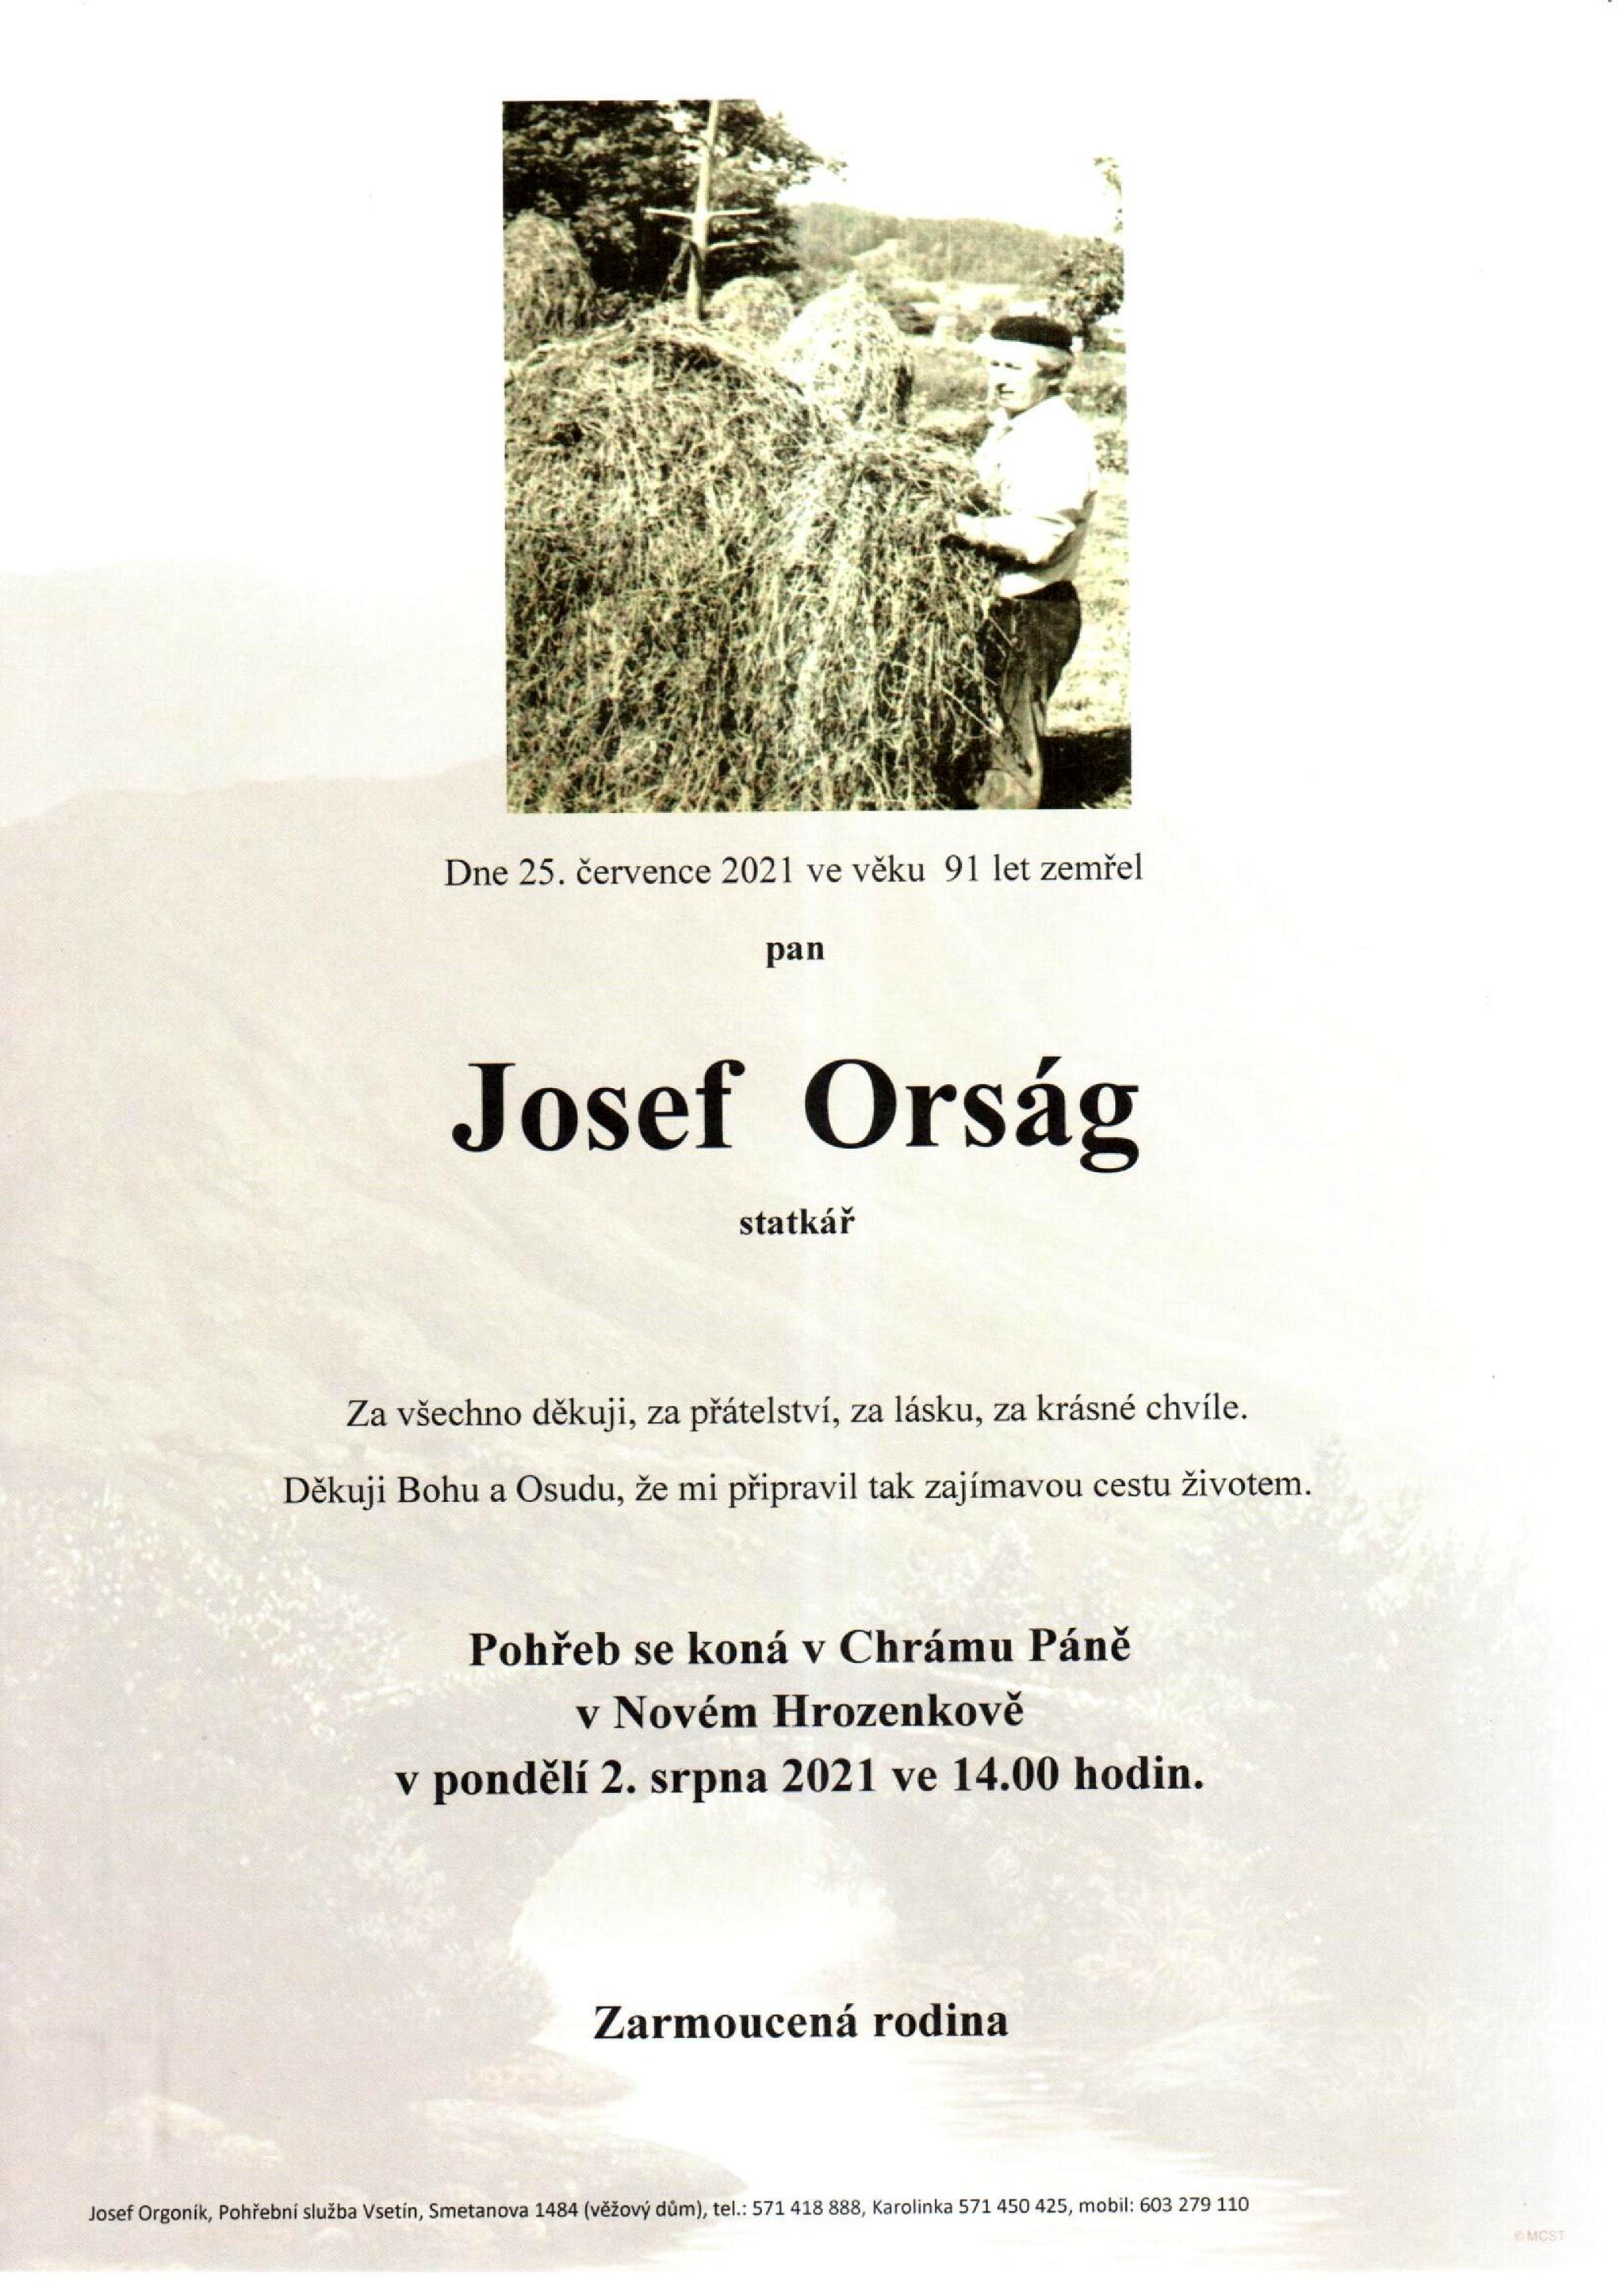 Josef Orság